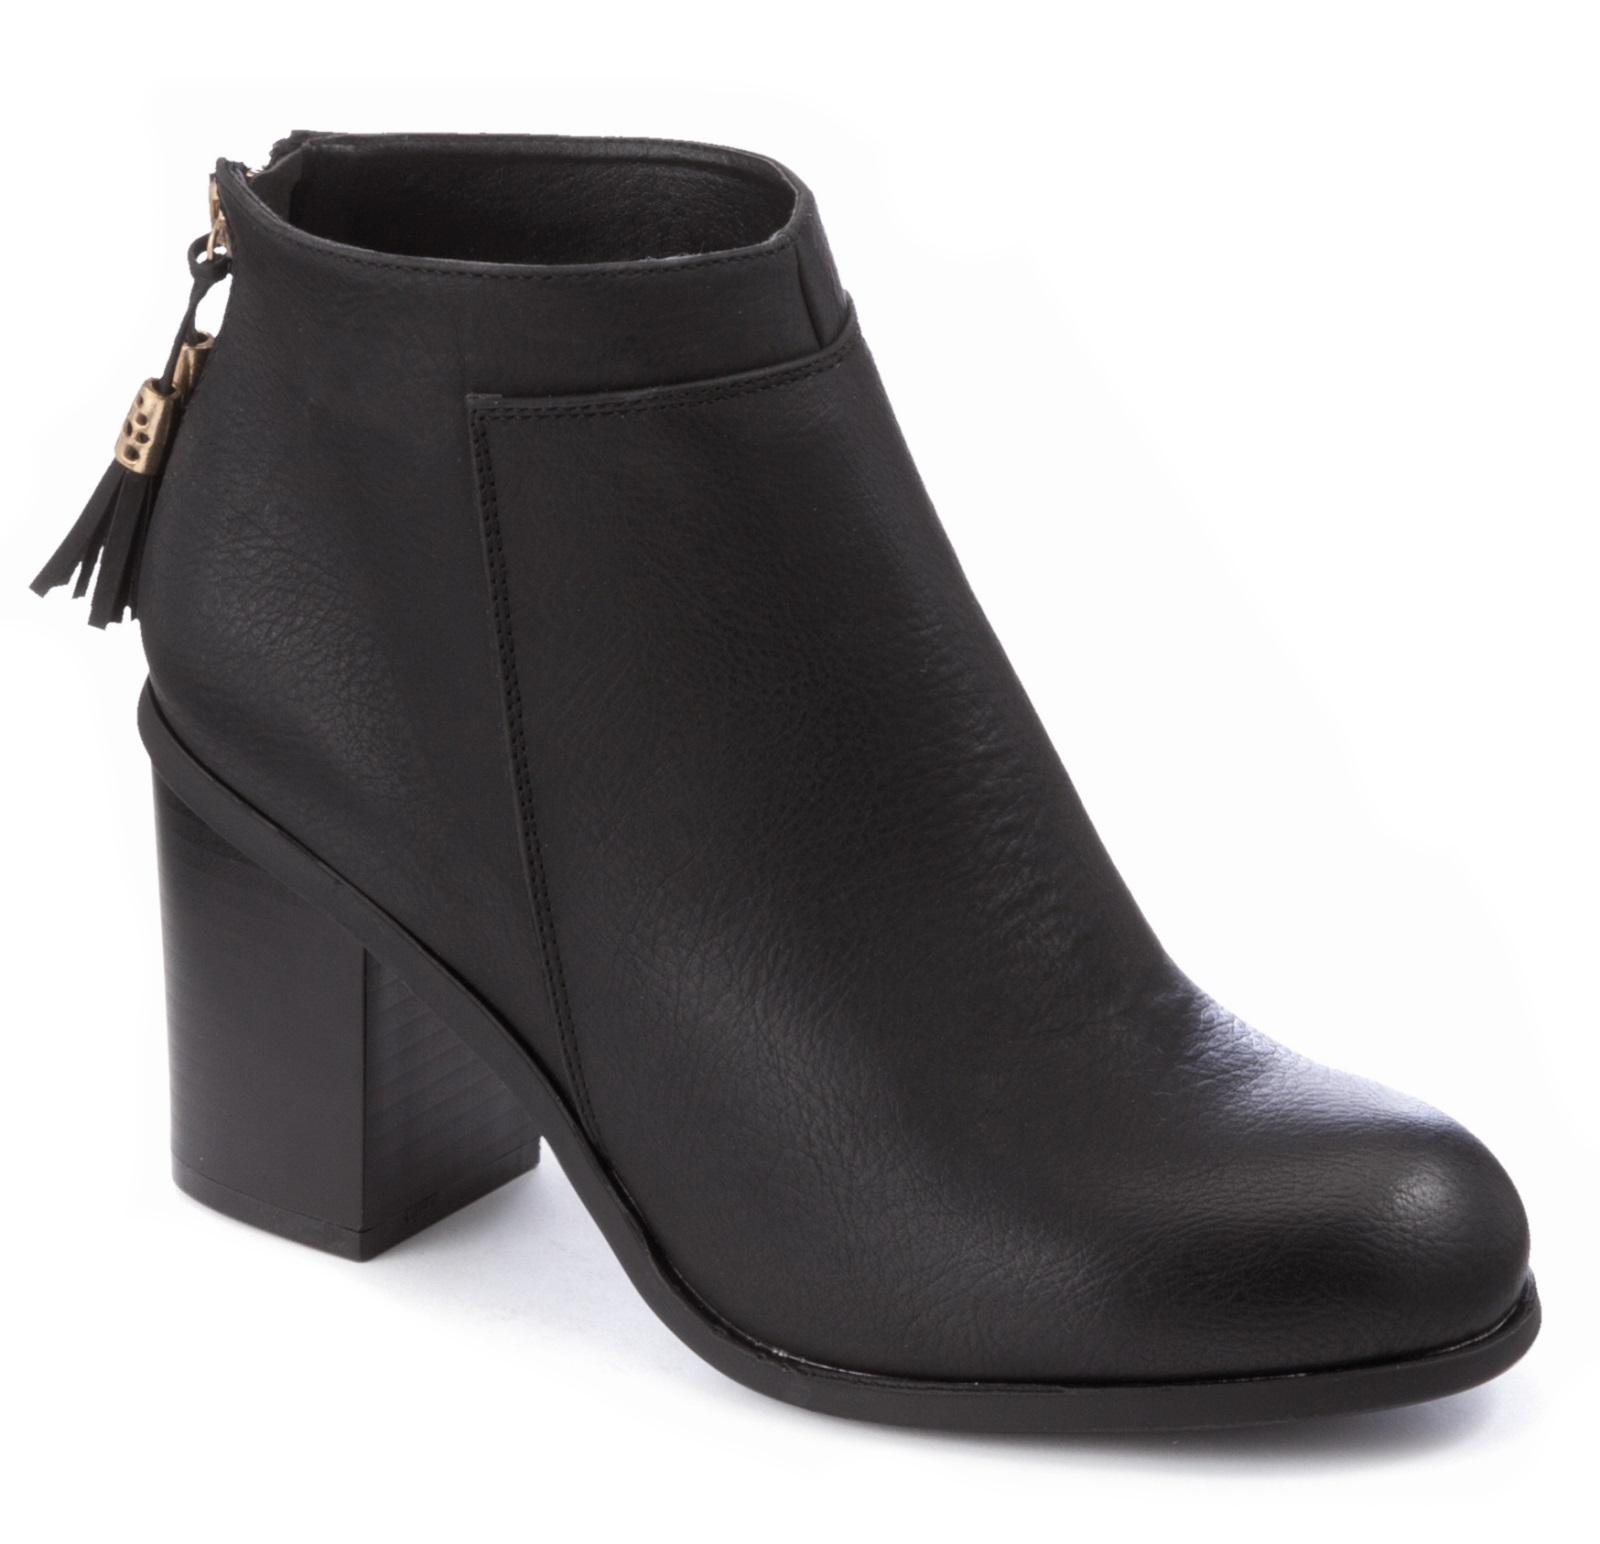 Black Comfort Shoes Heels